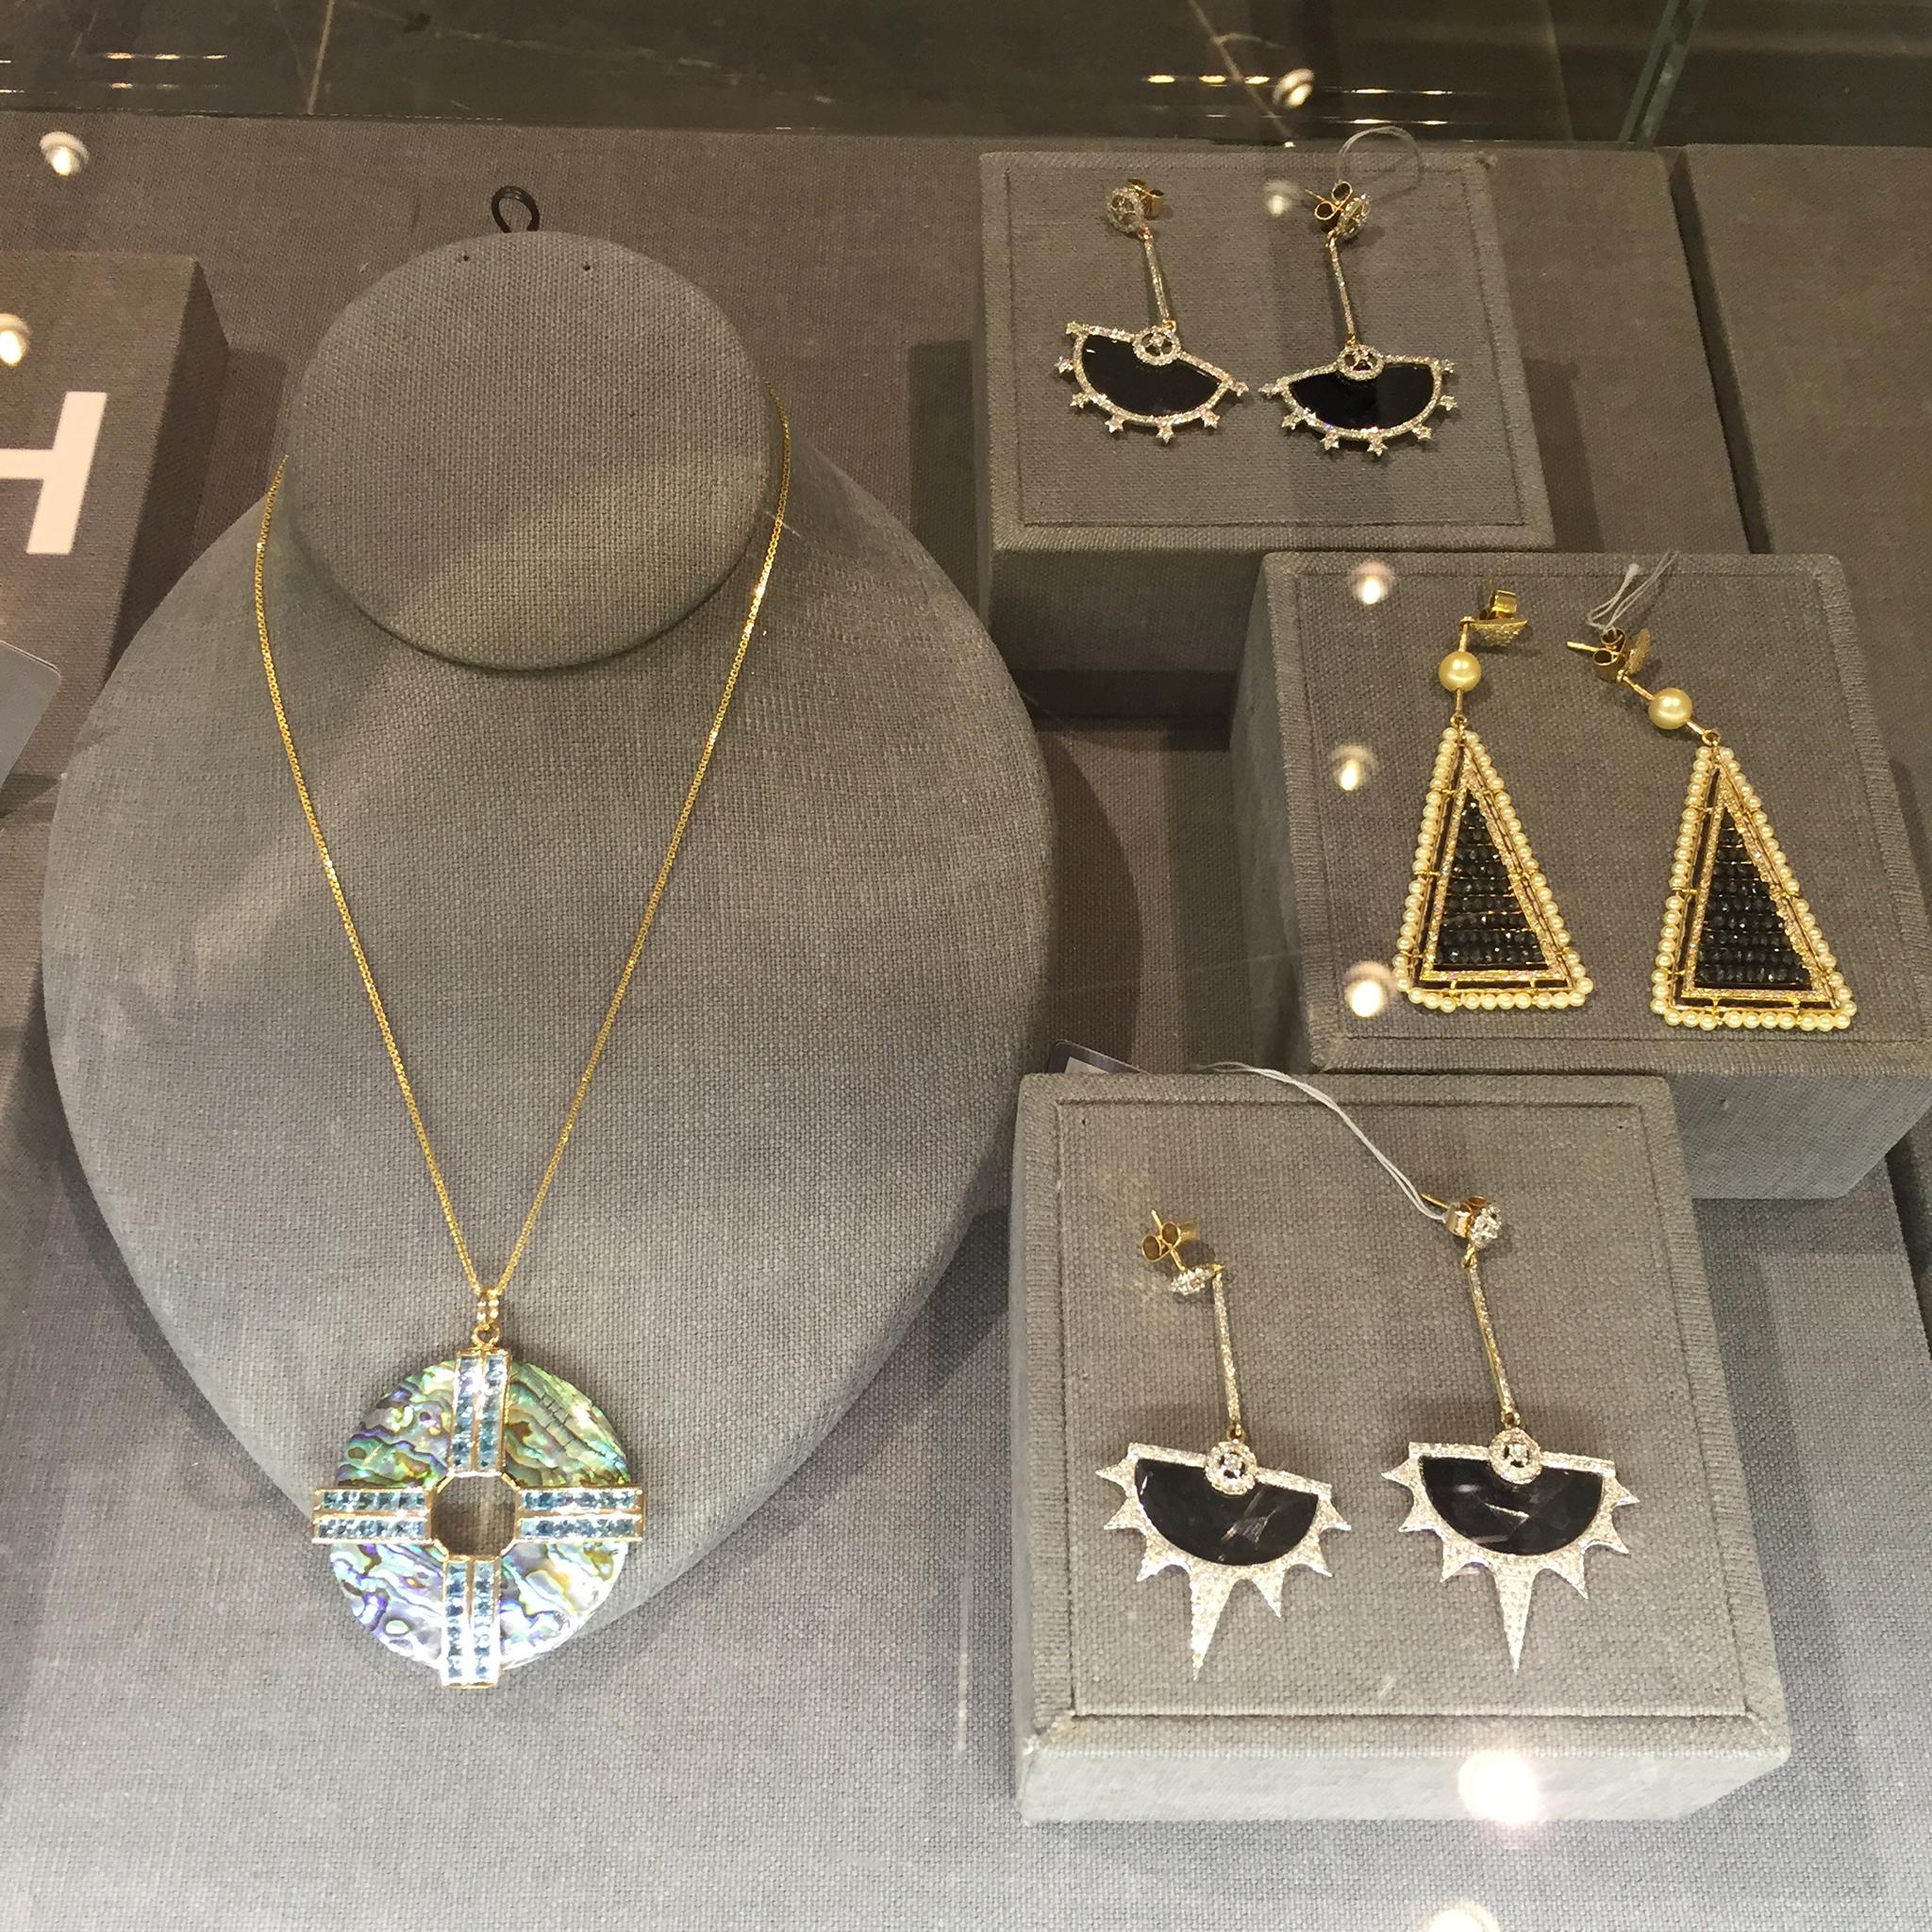 Barneys-NY-Jewelry-06